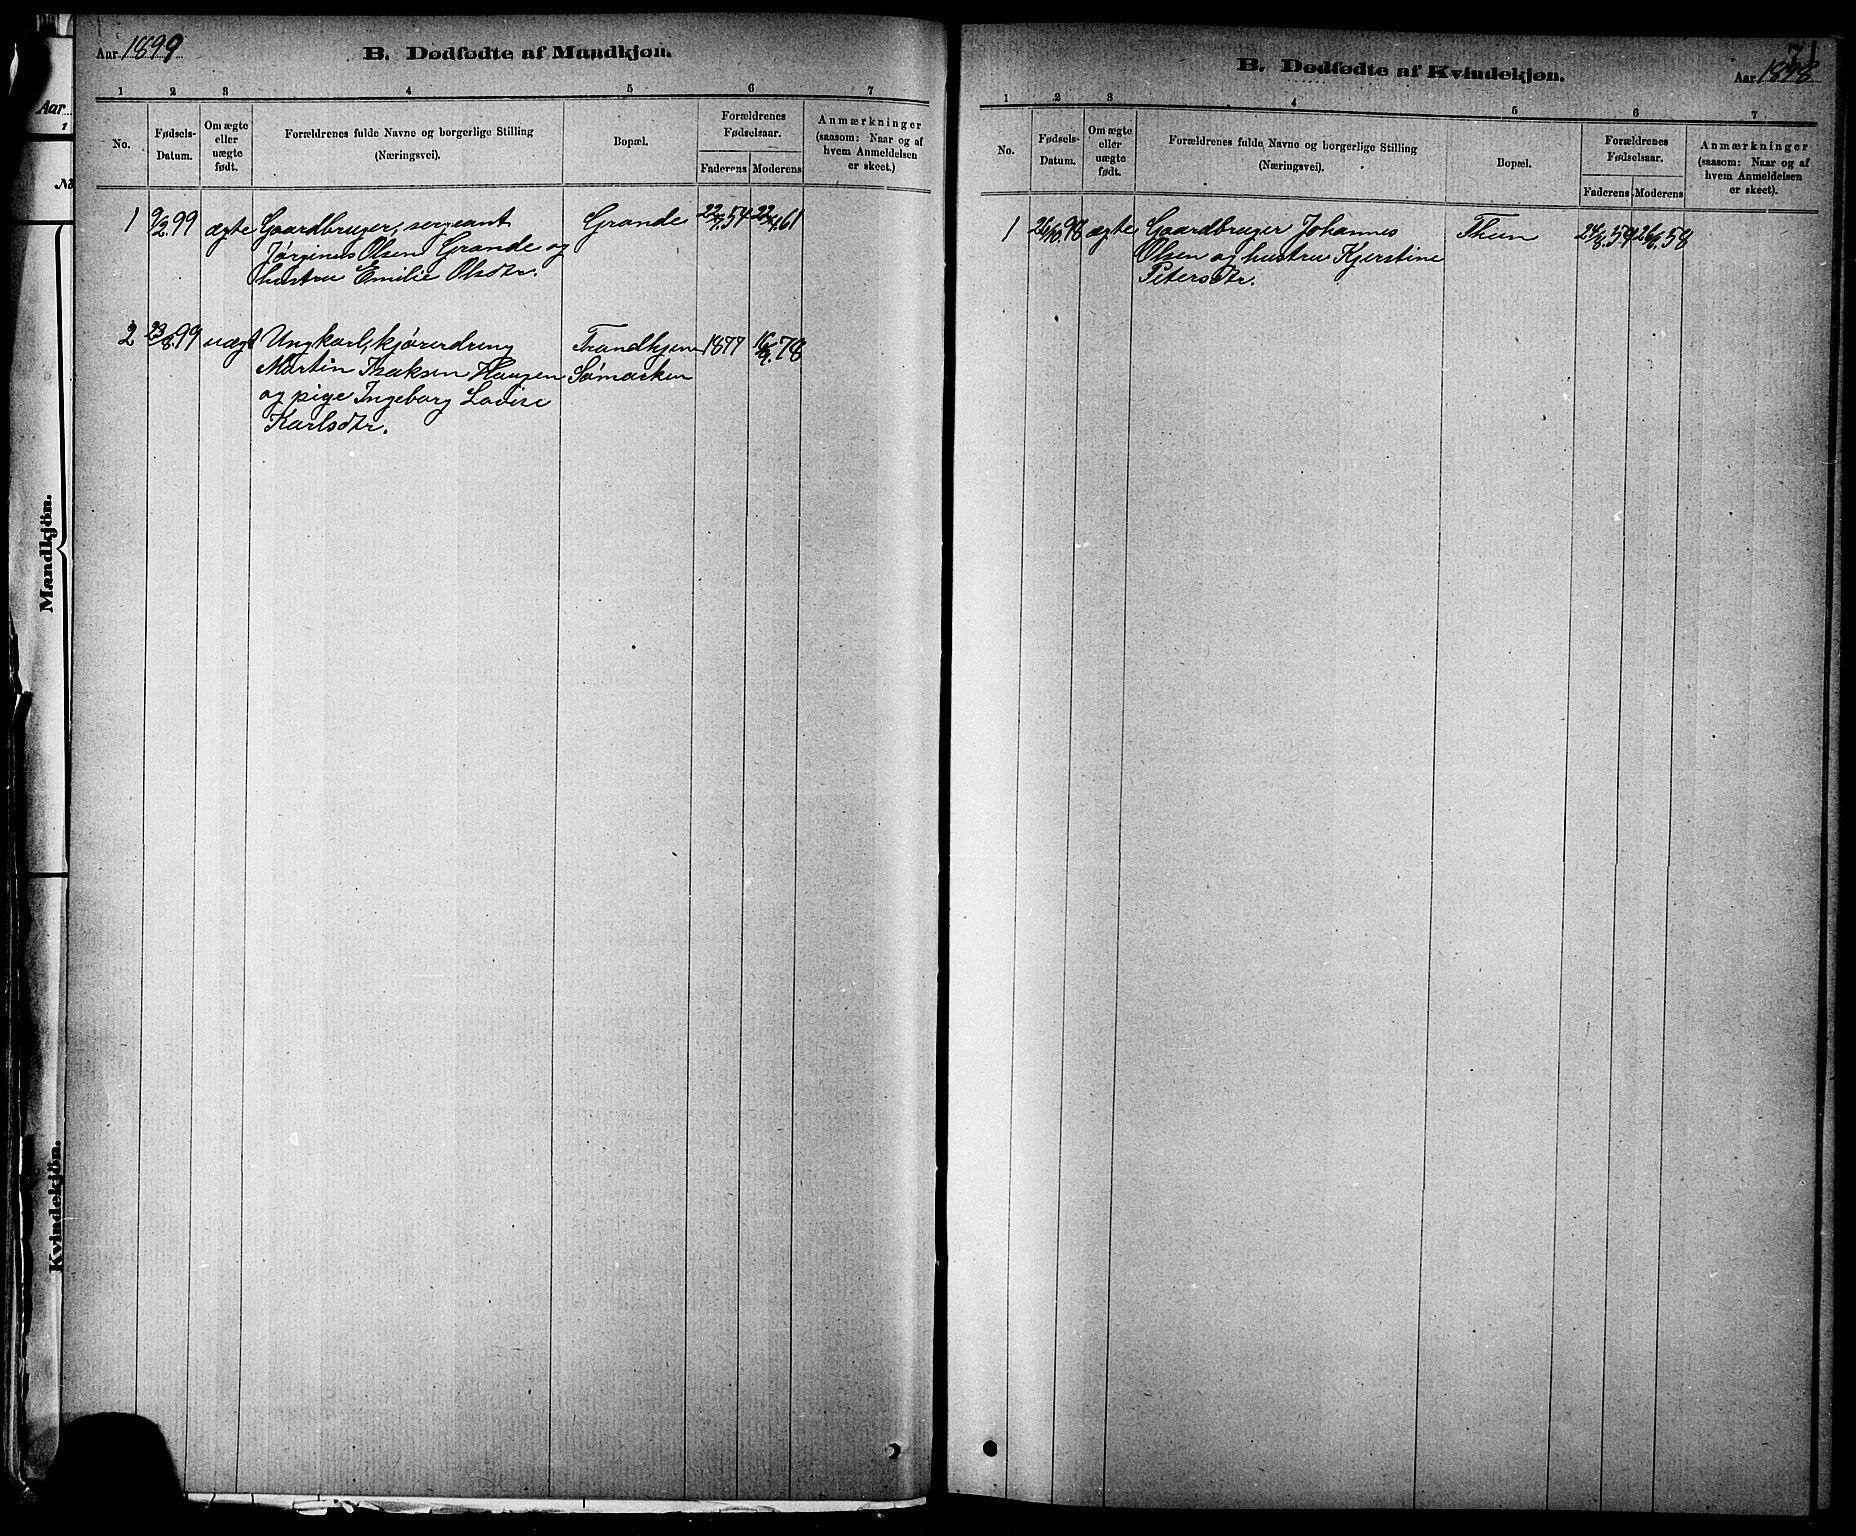 SAT, Ministerialprotokoller, klokkerbøker og fødselsregistre - Nord-Trøndelag, 744/L0423: Klokkerbok nr. 744C02, 1886-1905, s. 71